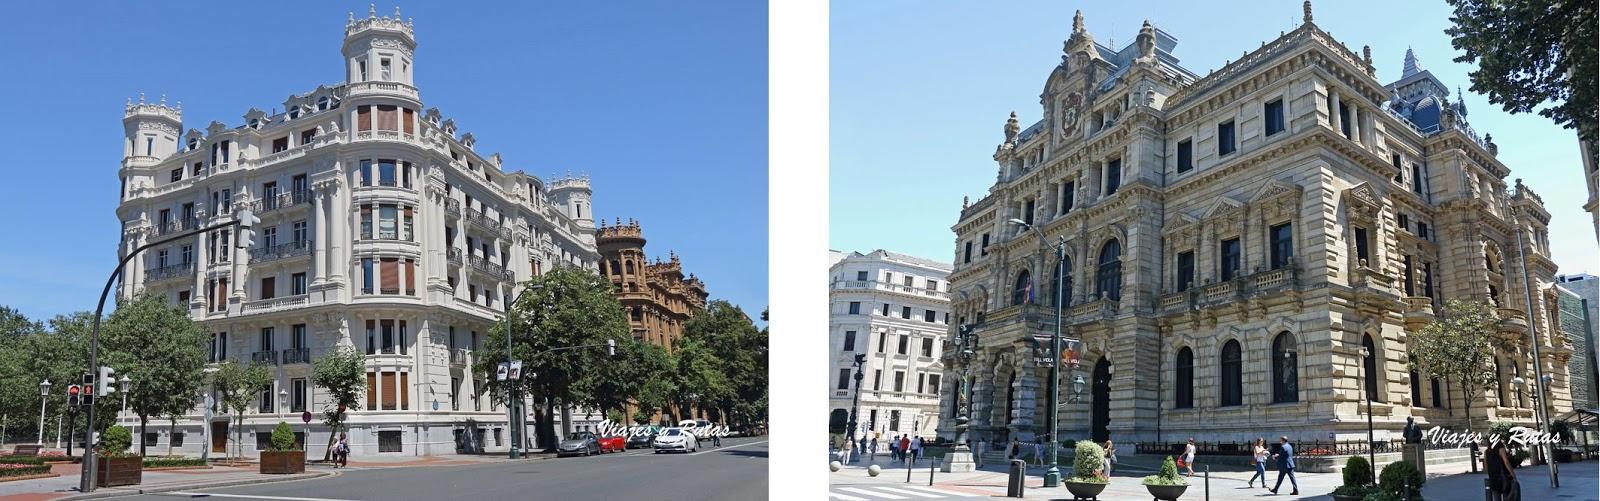 Edificios de la Gran Vía de Bilbao